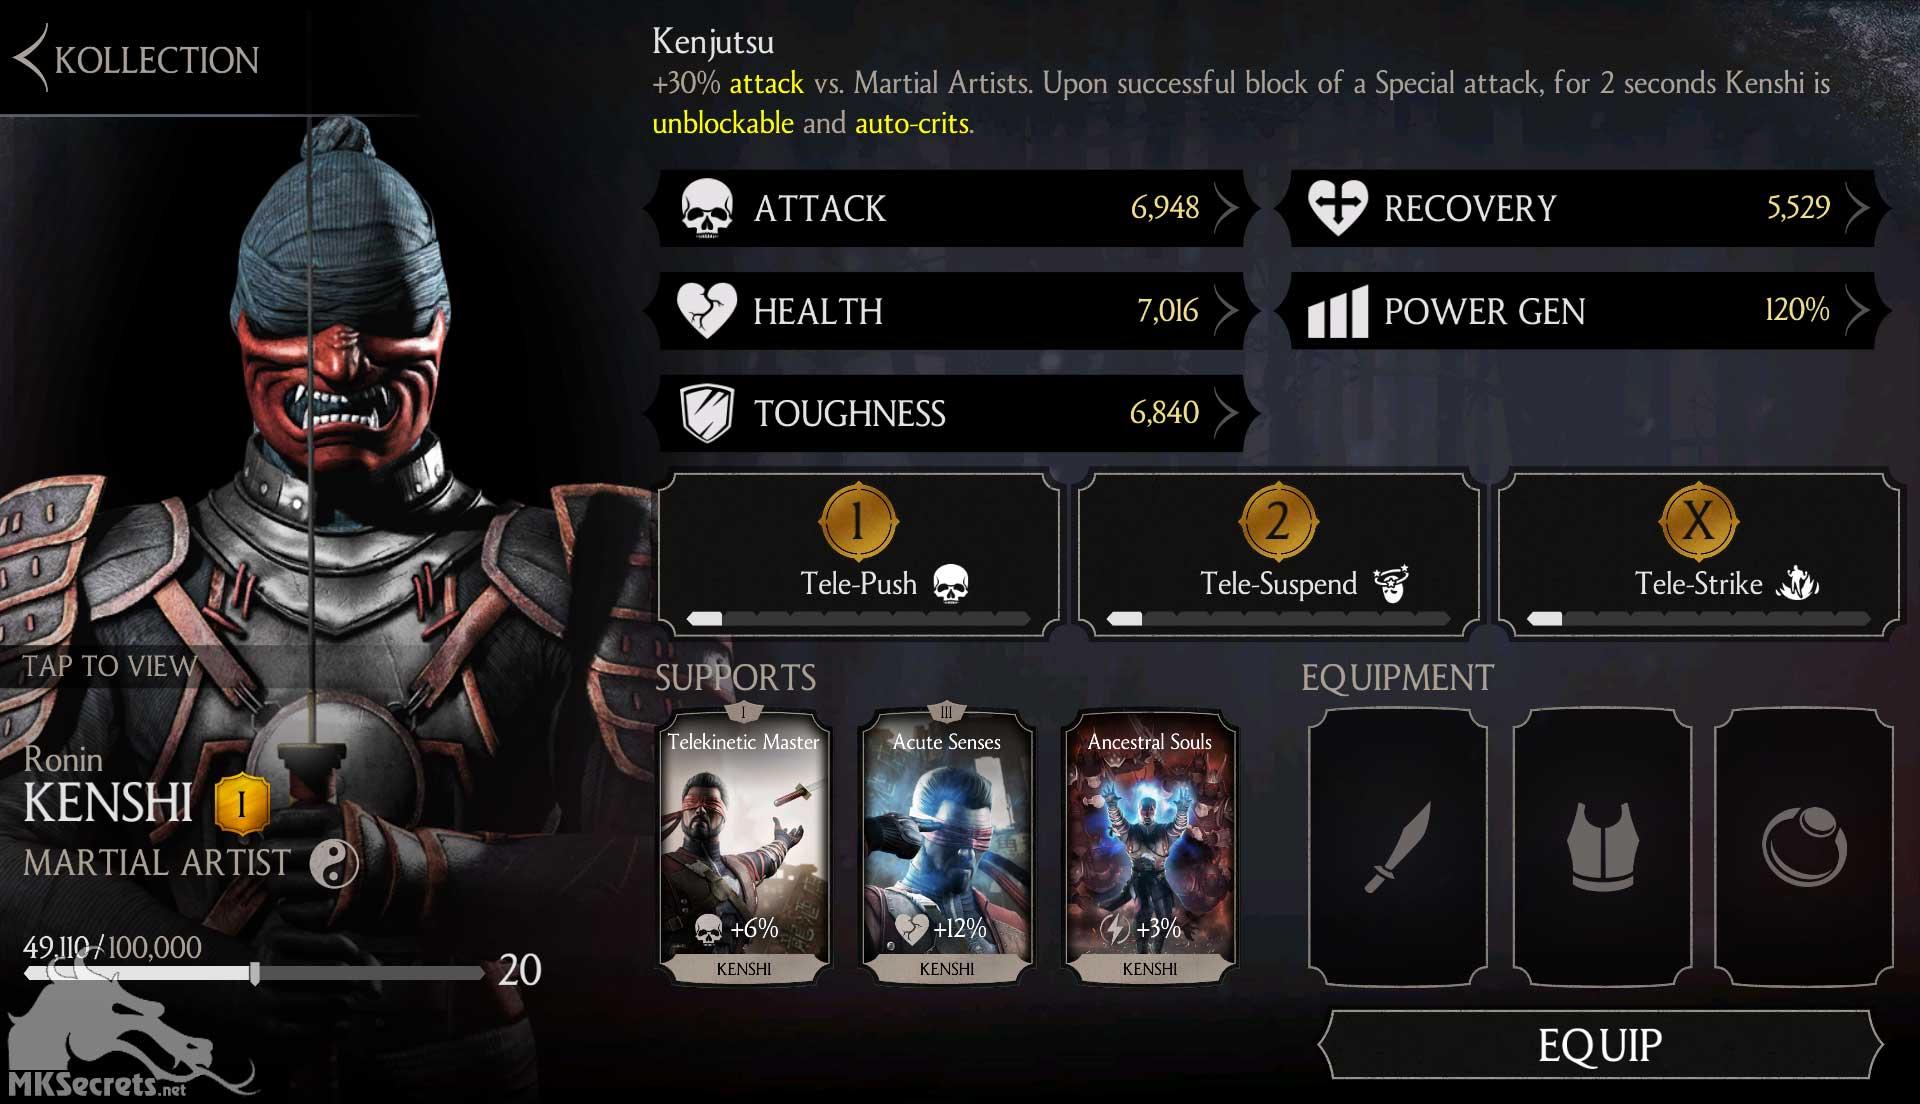 Mortal Kombat X Mobile Ronin Kenshi Challenge Ends Soon